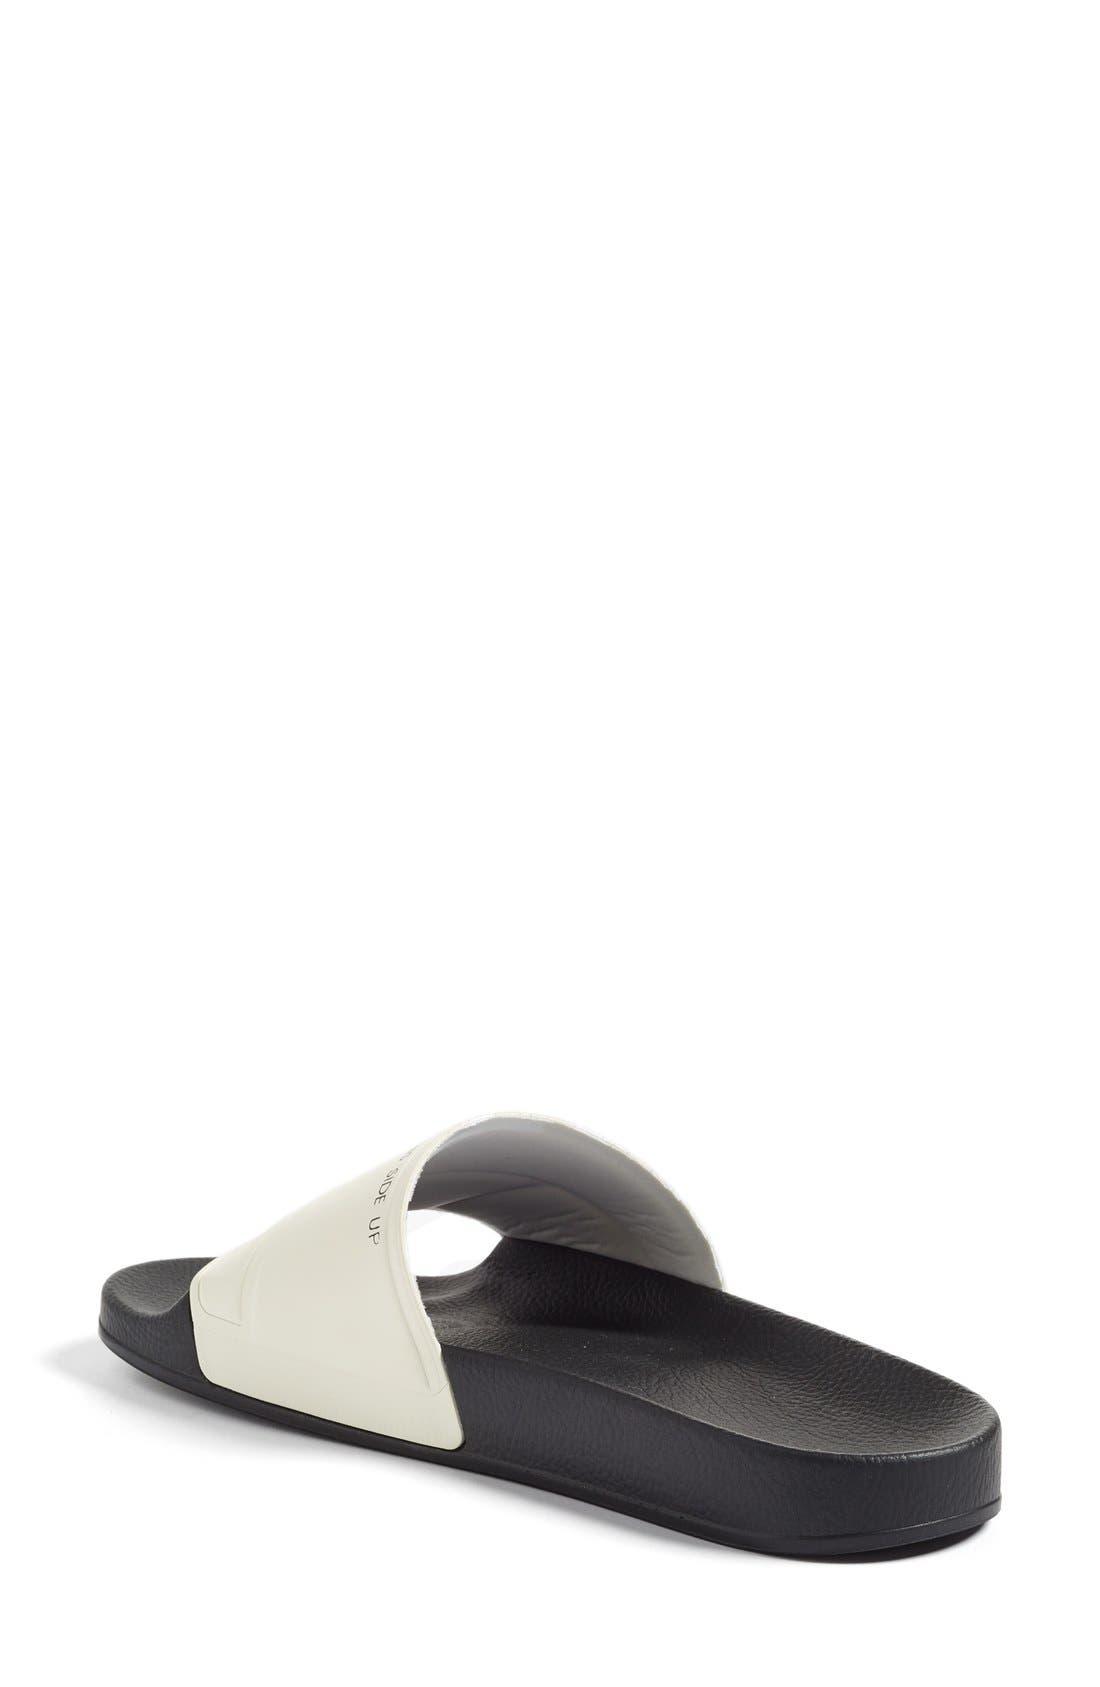 Bunny Adilette Slide Sandal,                             Alternate thumbnail 2, color,                             Cream White